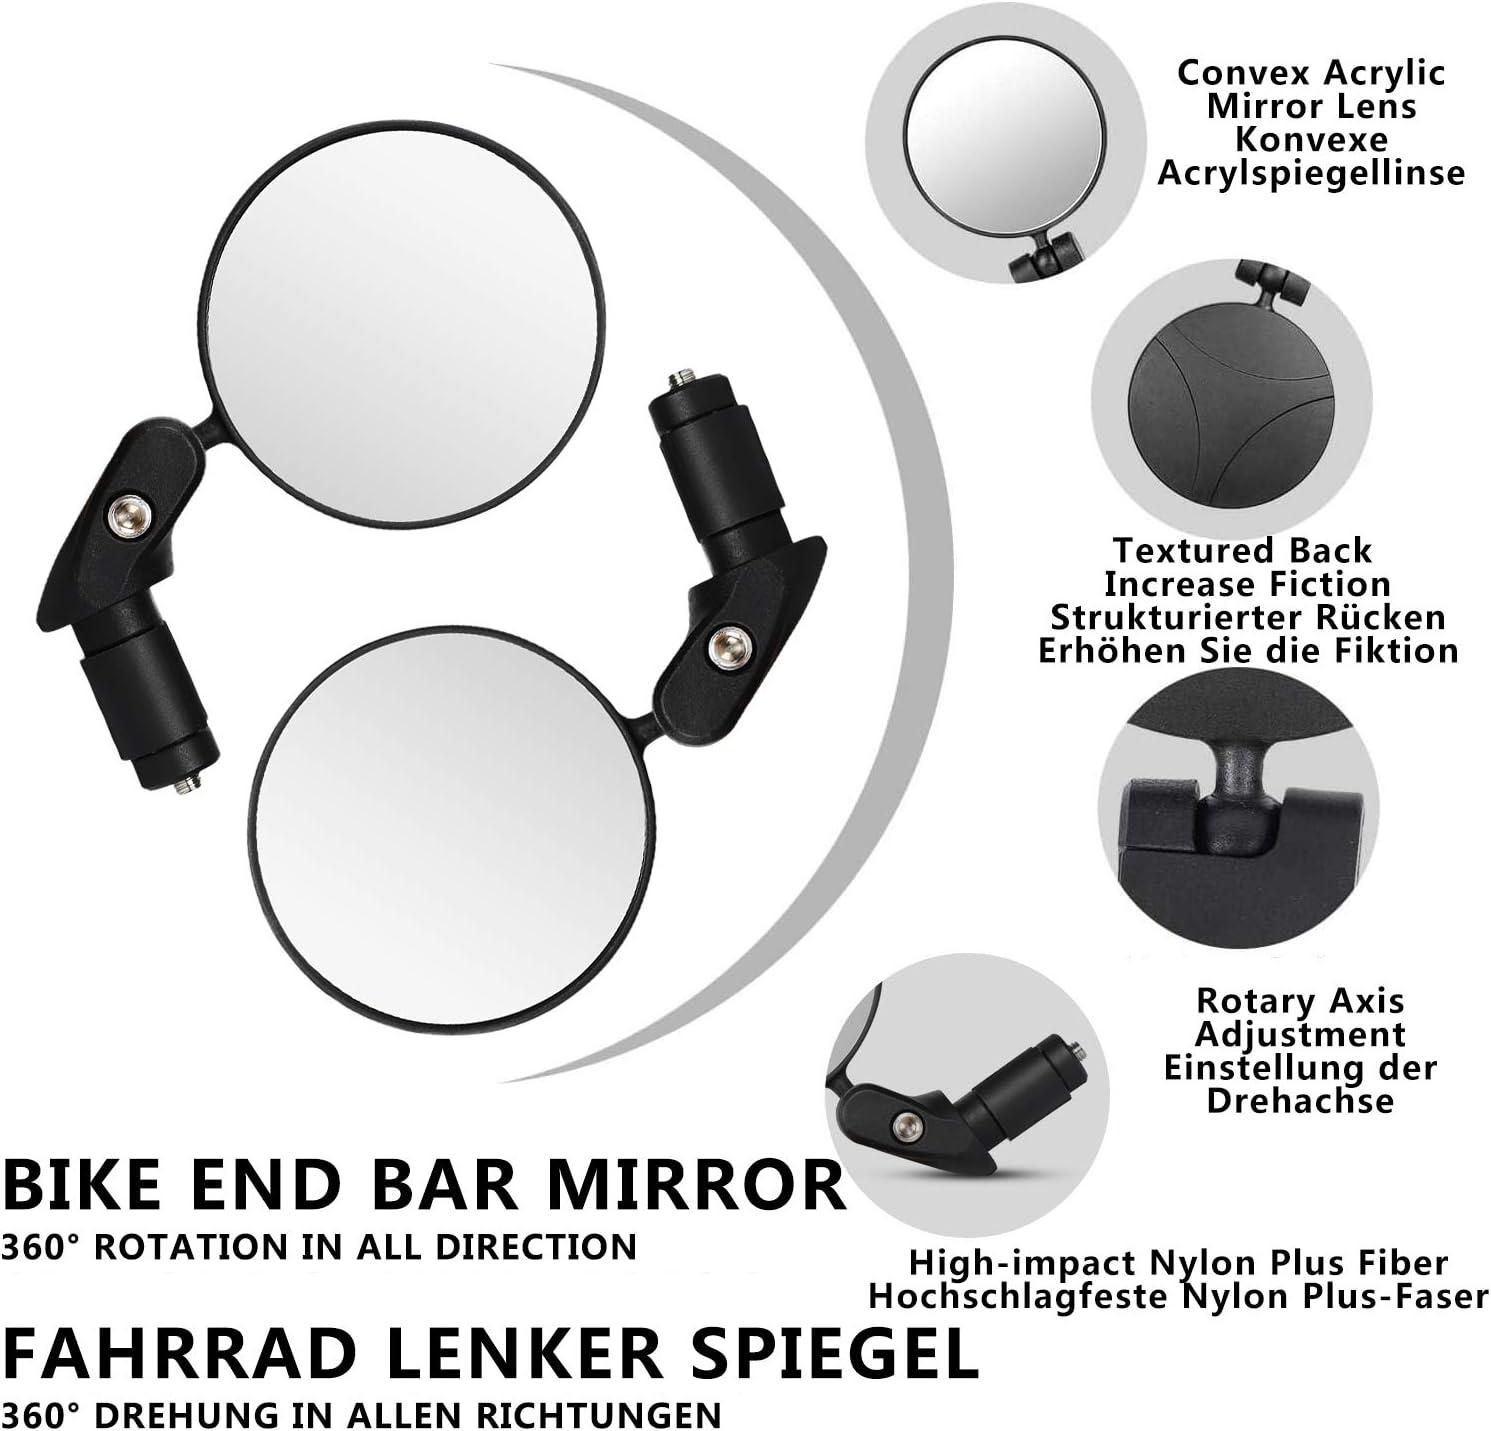 NOLOGO Gxbld-yy 1 Paar Praktische Fahrradlenkerende Spiegel 360 drehender Bike Seitenr/ückspiegel Radfahren Zubeh/ör Teile